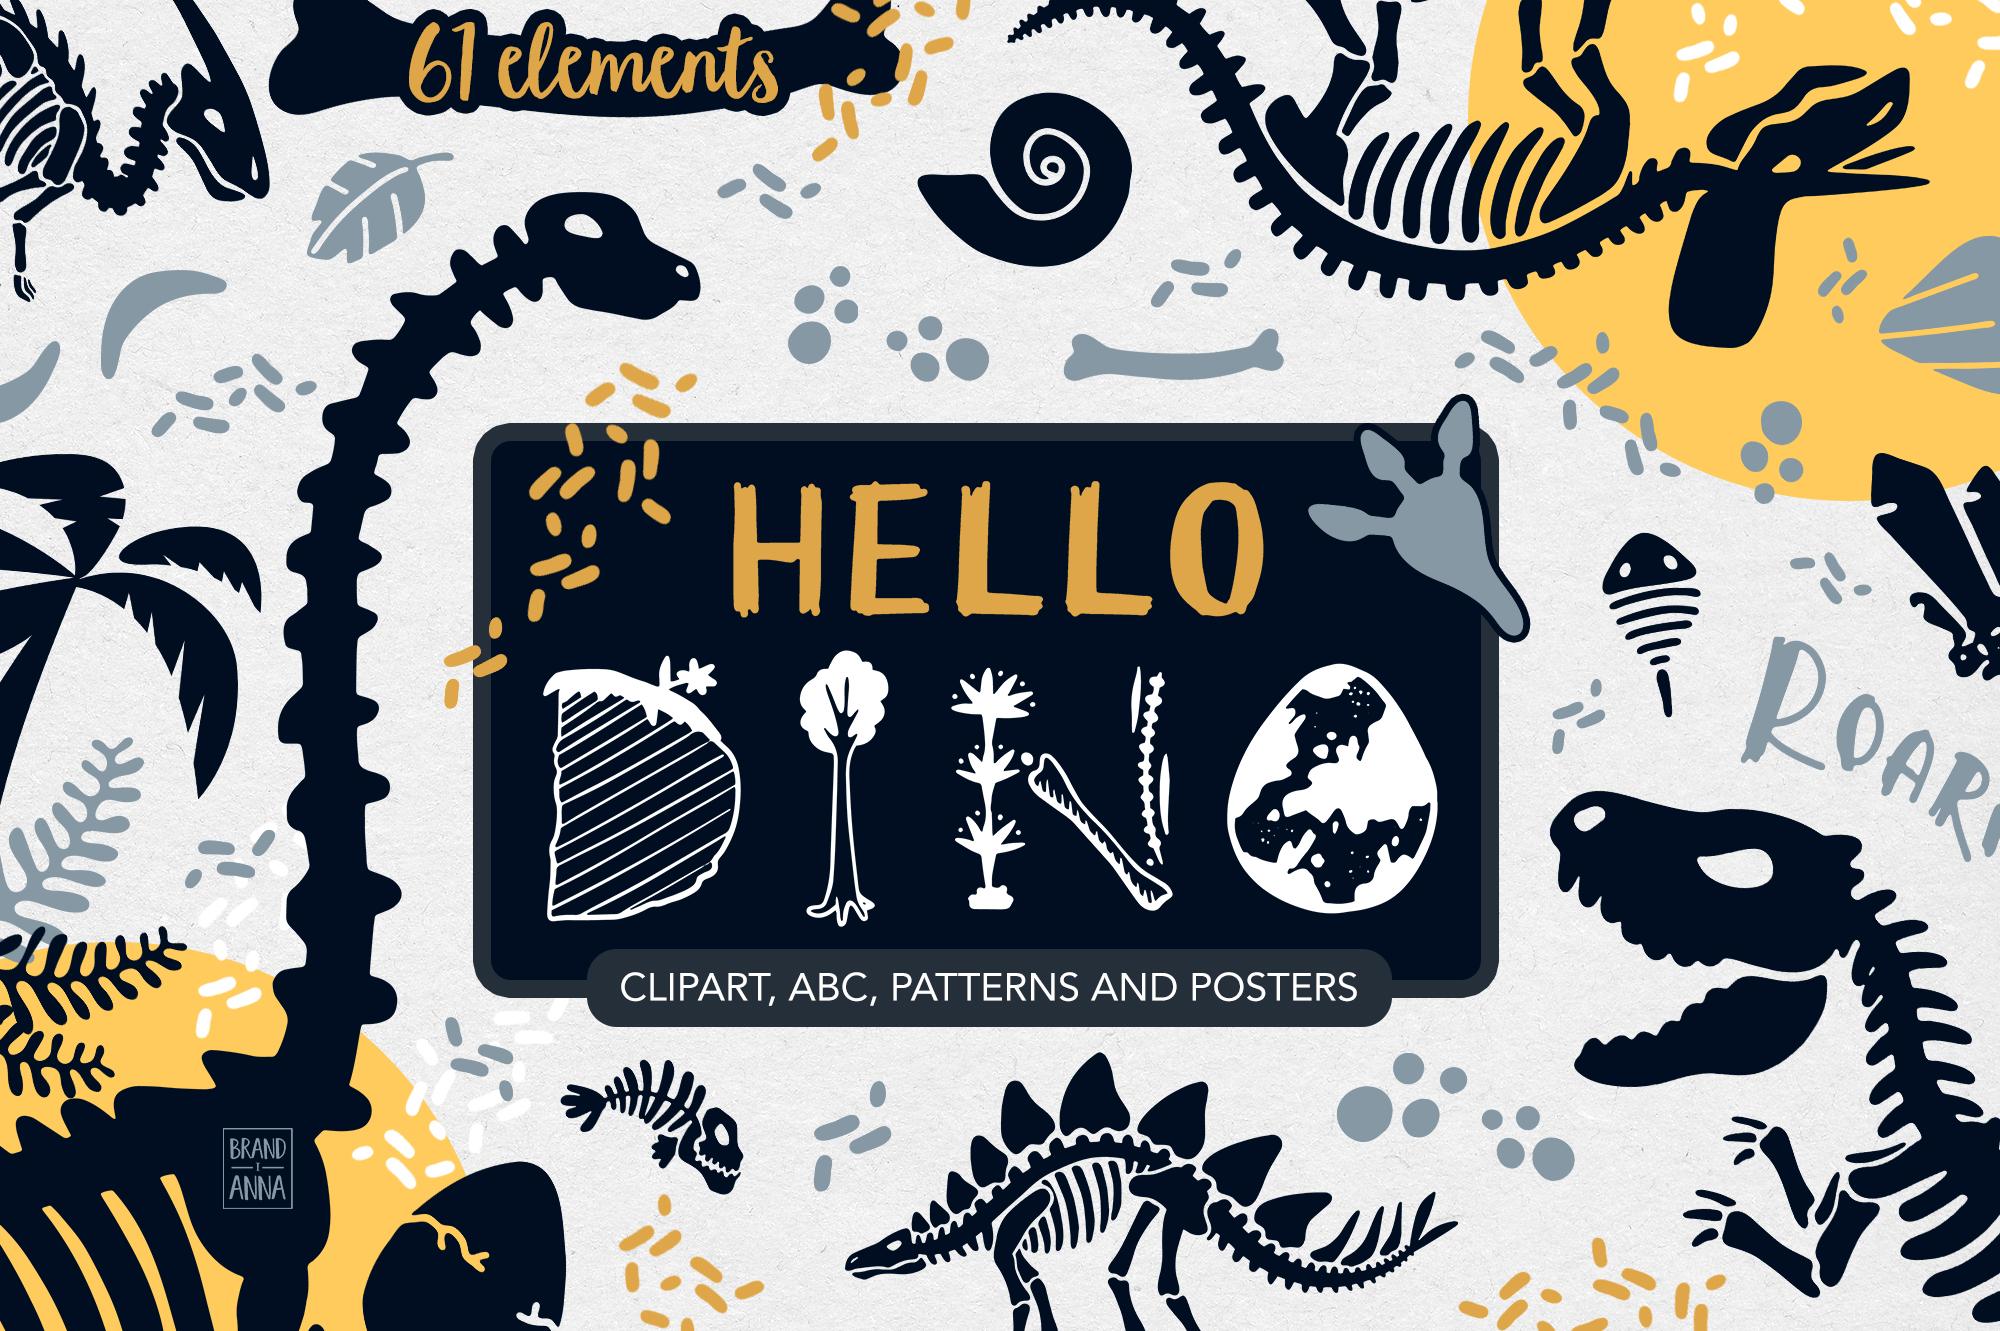 Dinosaur skeletons vector clipart, alphabet, patterns.